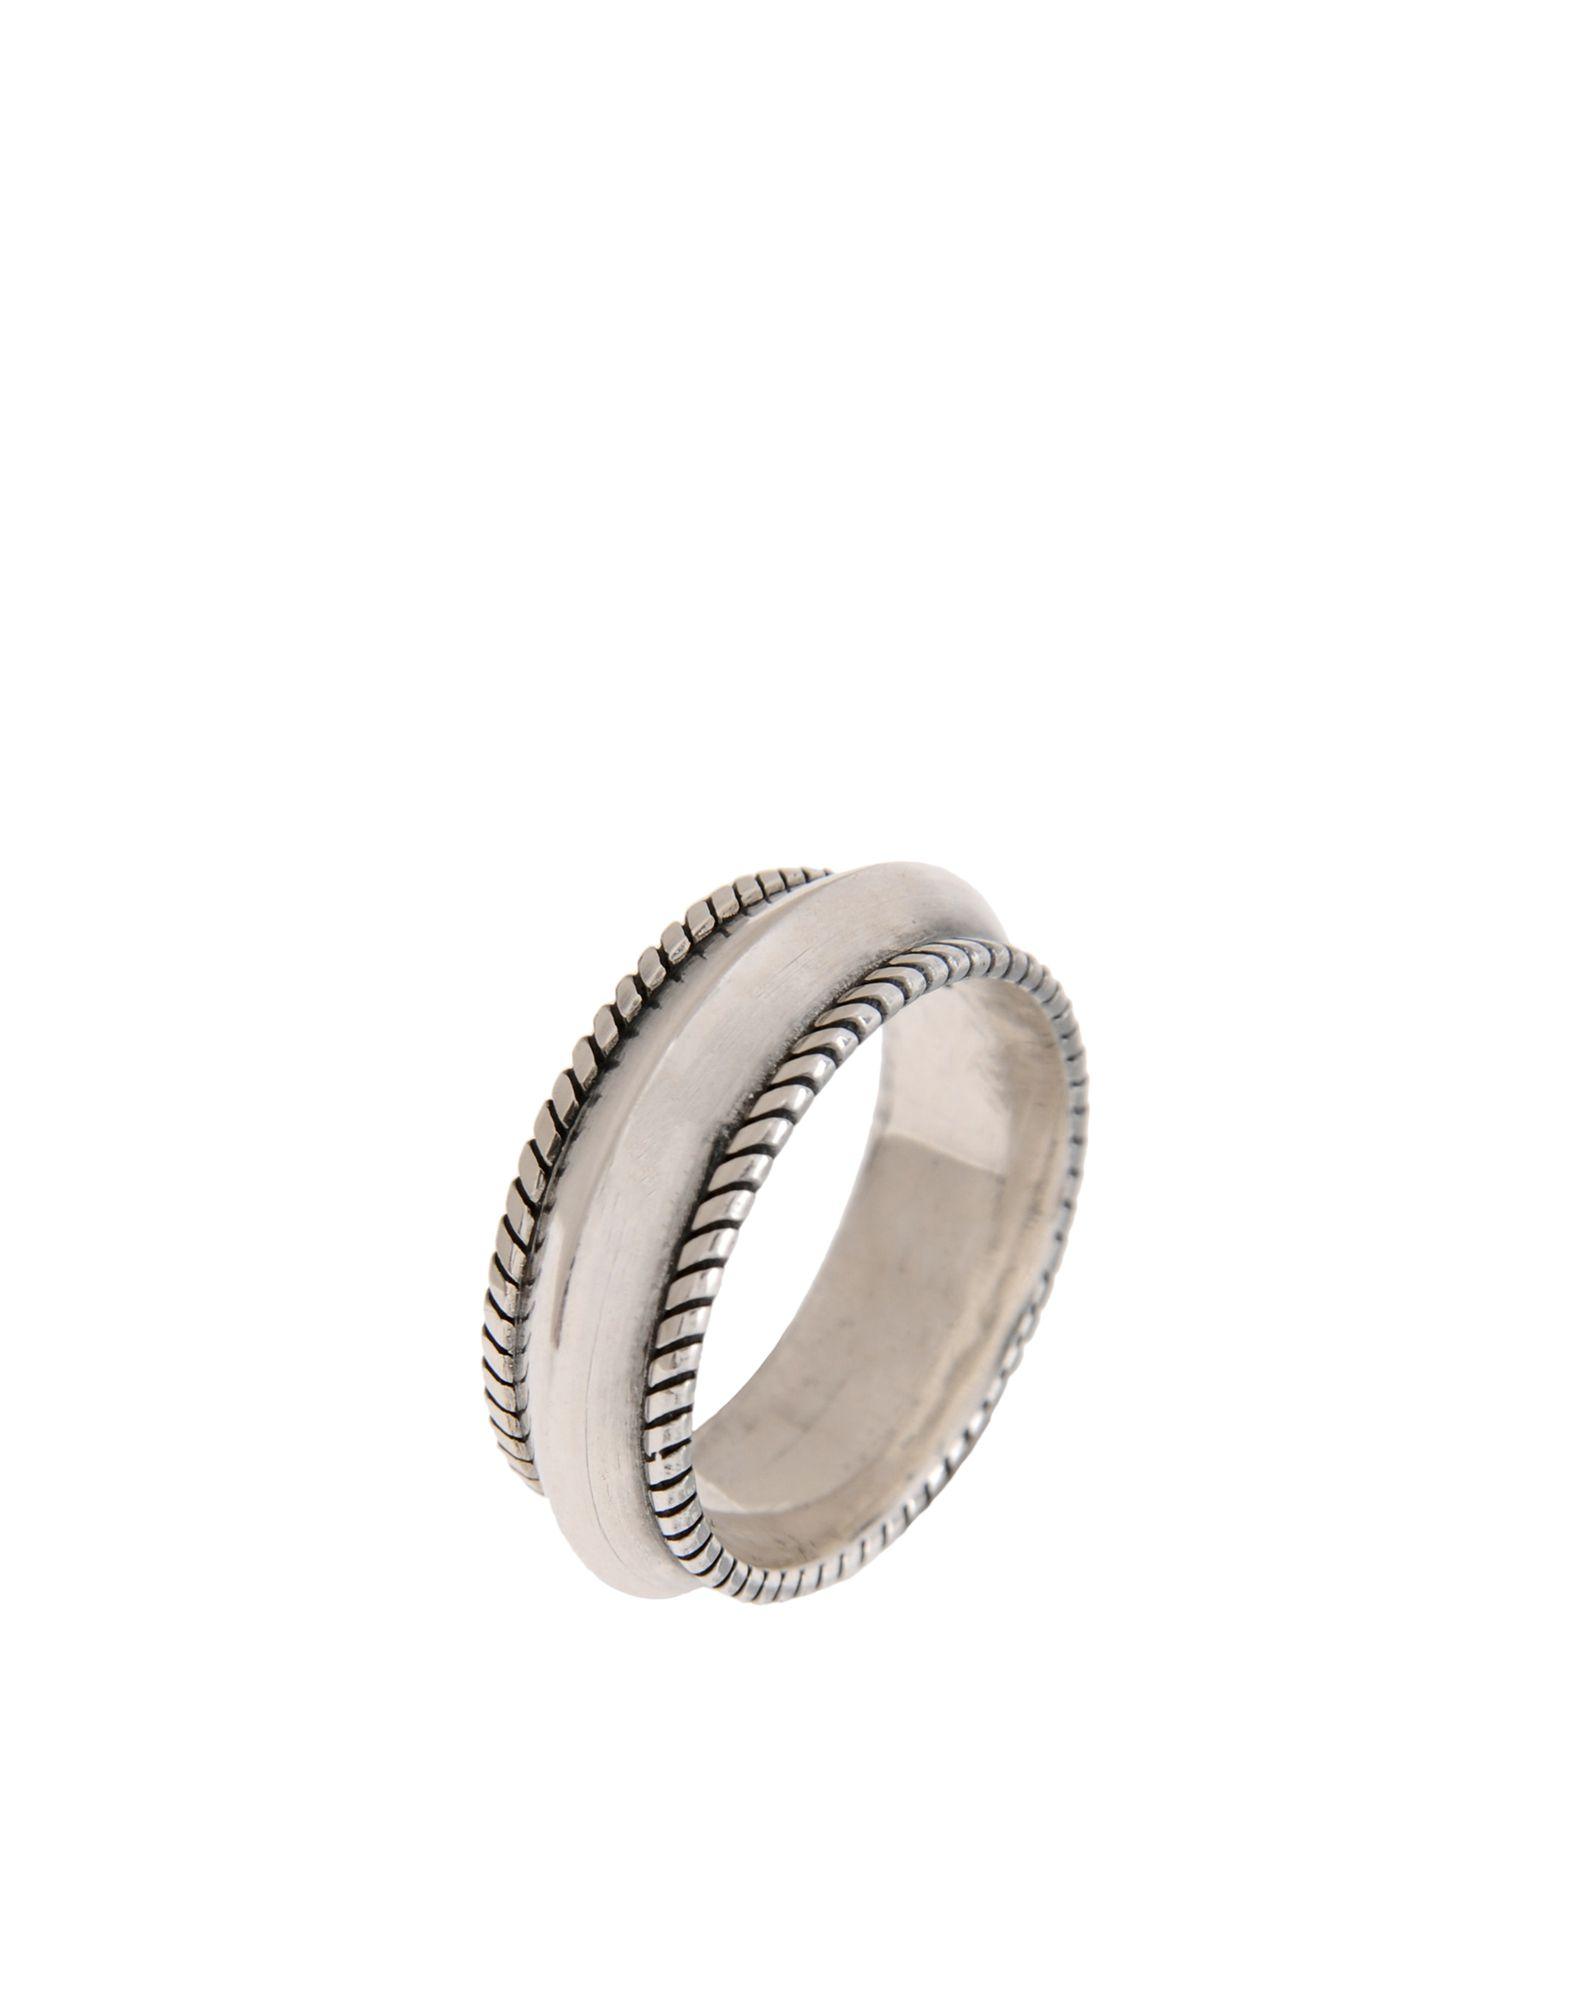 《セール開催中》FIRST PEOPLE FIRST メンズ 指輪 シルバー 10 シルバー925/1000 EDGE BAND